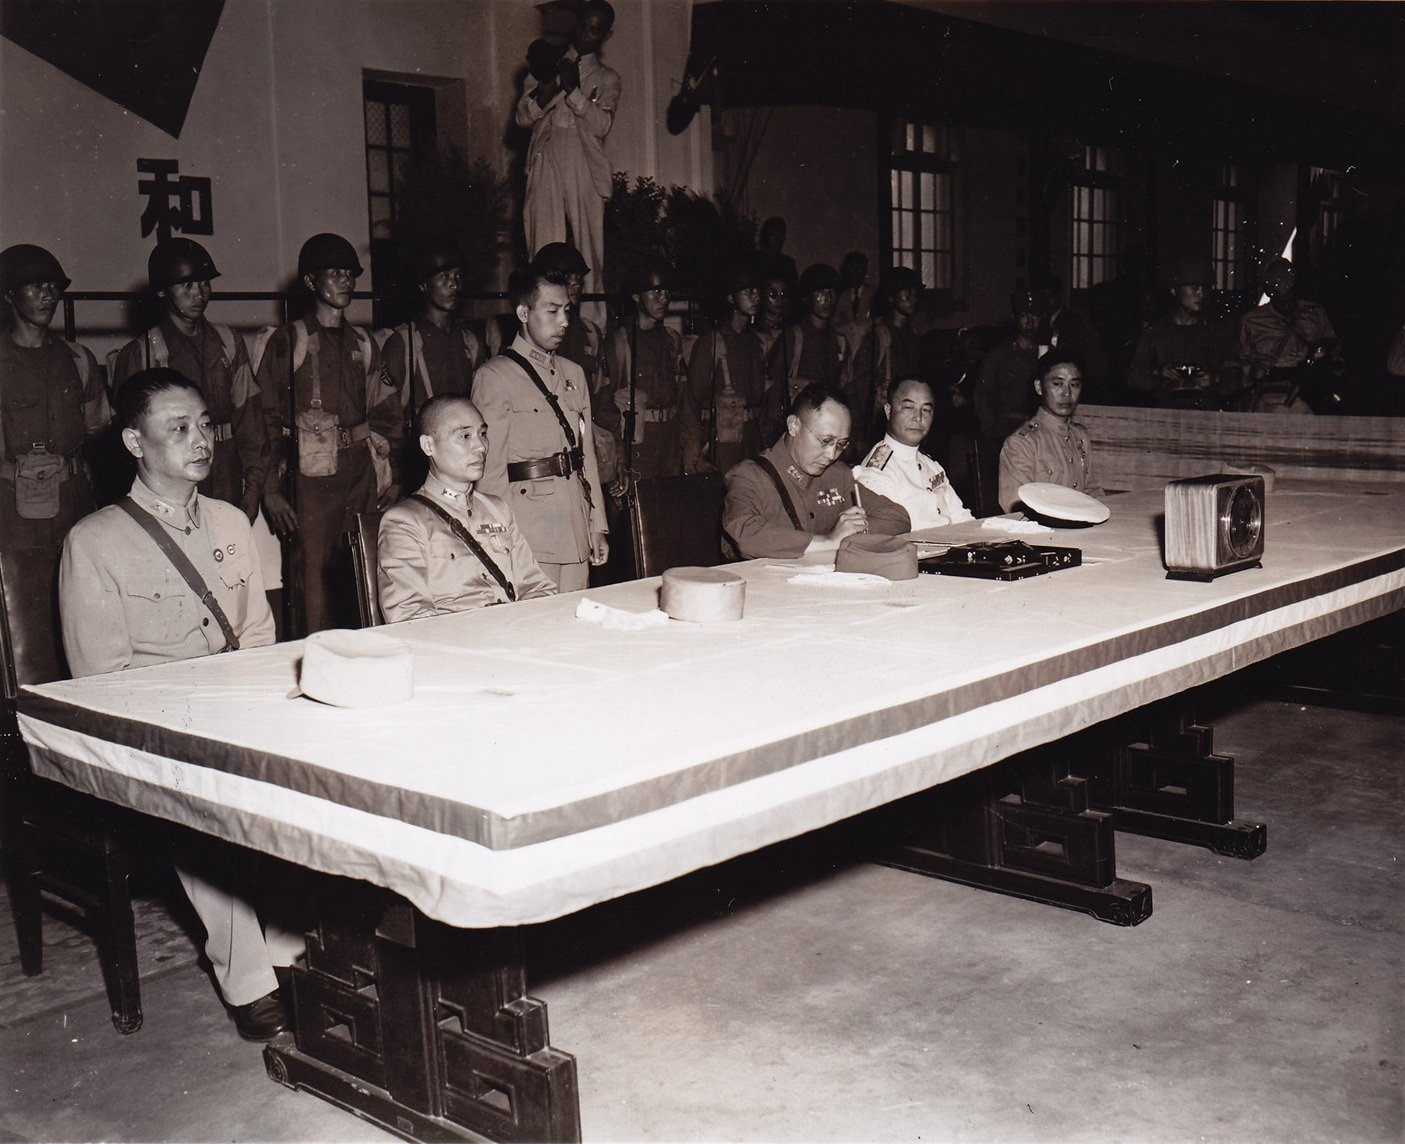 何应钦将军在日本投降协议书以及和平条约上签字。洛布中尉拍摄于南京中央陆军军官学校,1945年9月9日。